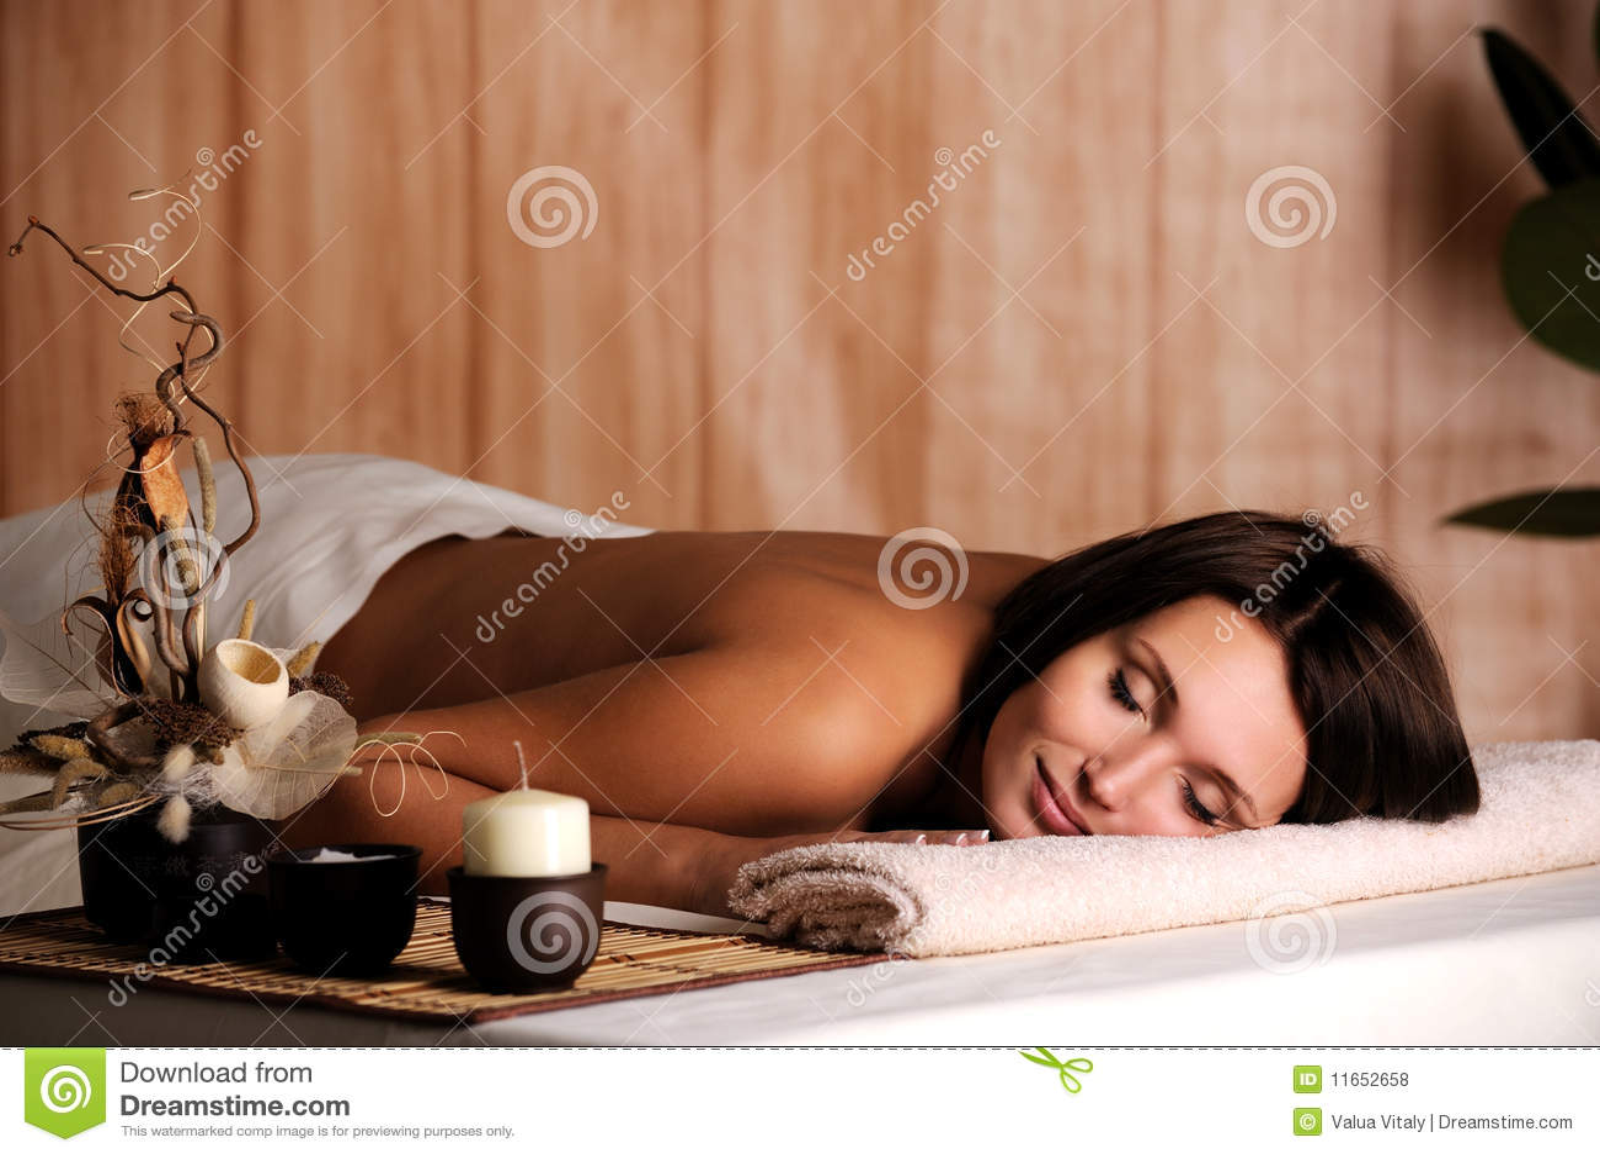 Расслабленные женщины фото 25 фотография